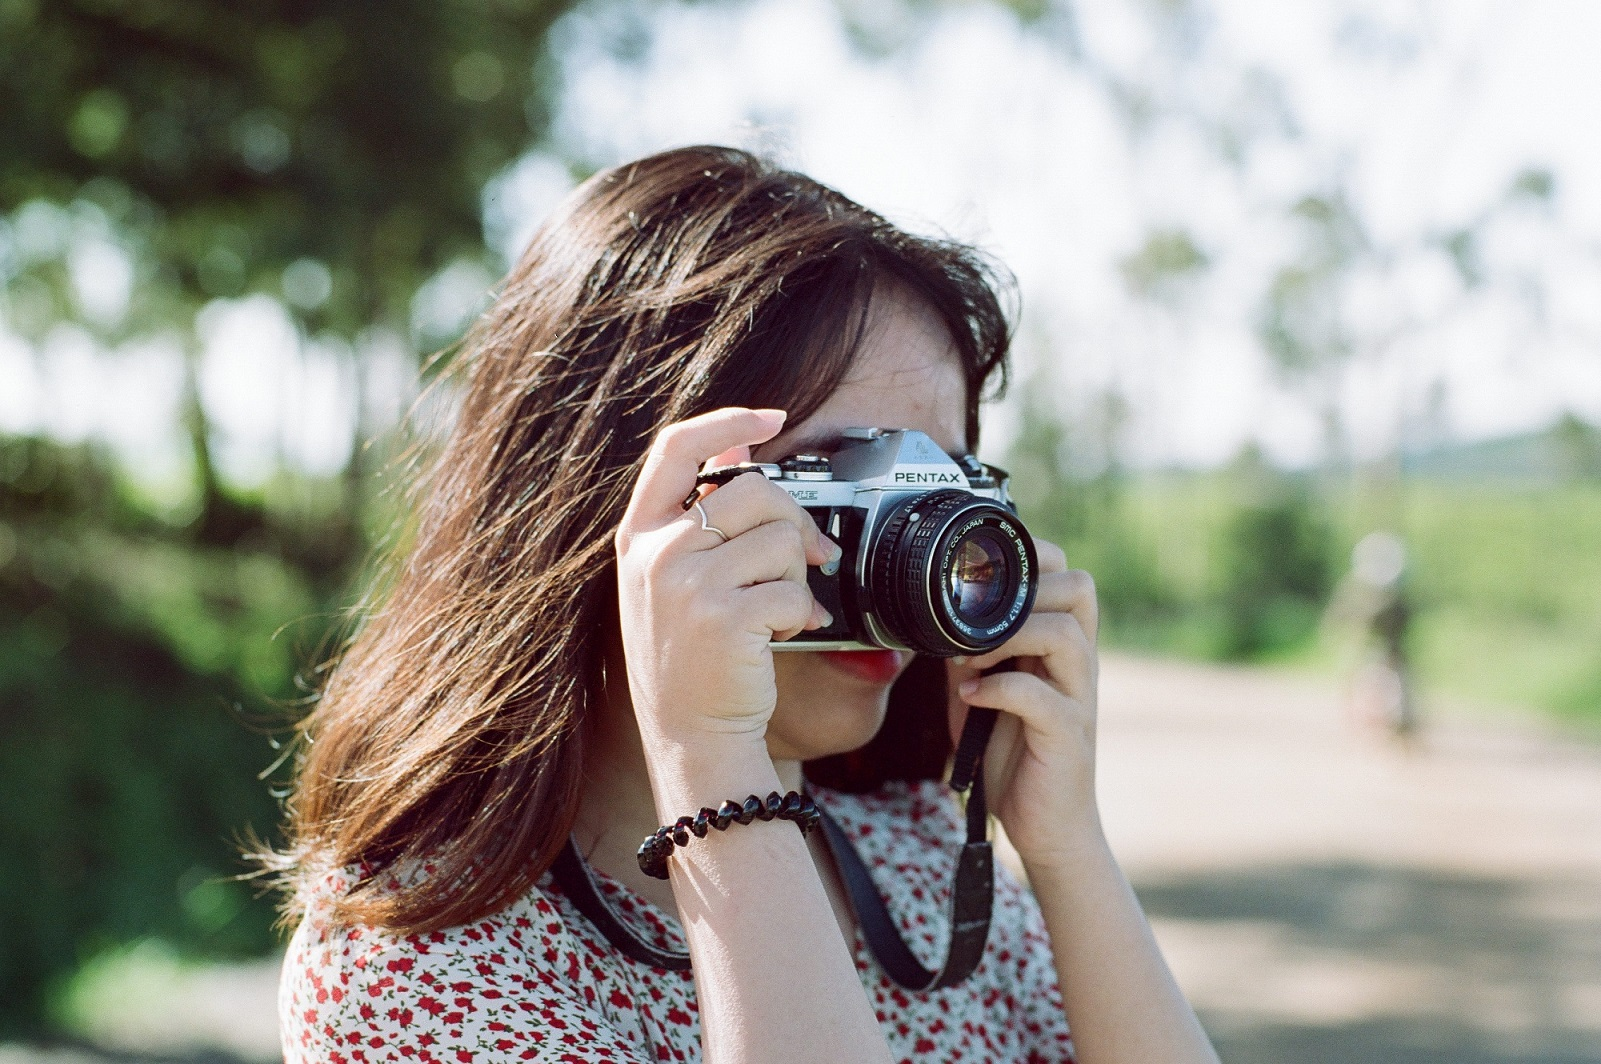 Cần chọn ống kính phù hợp với máy ảnh và mục đích chụp. Hình: Sưu tầm